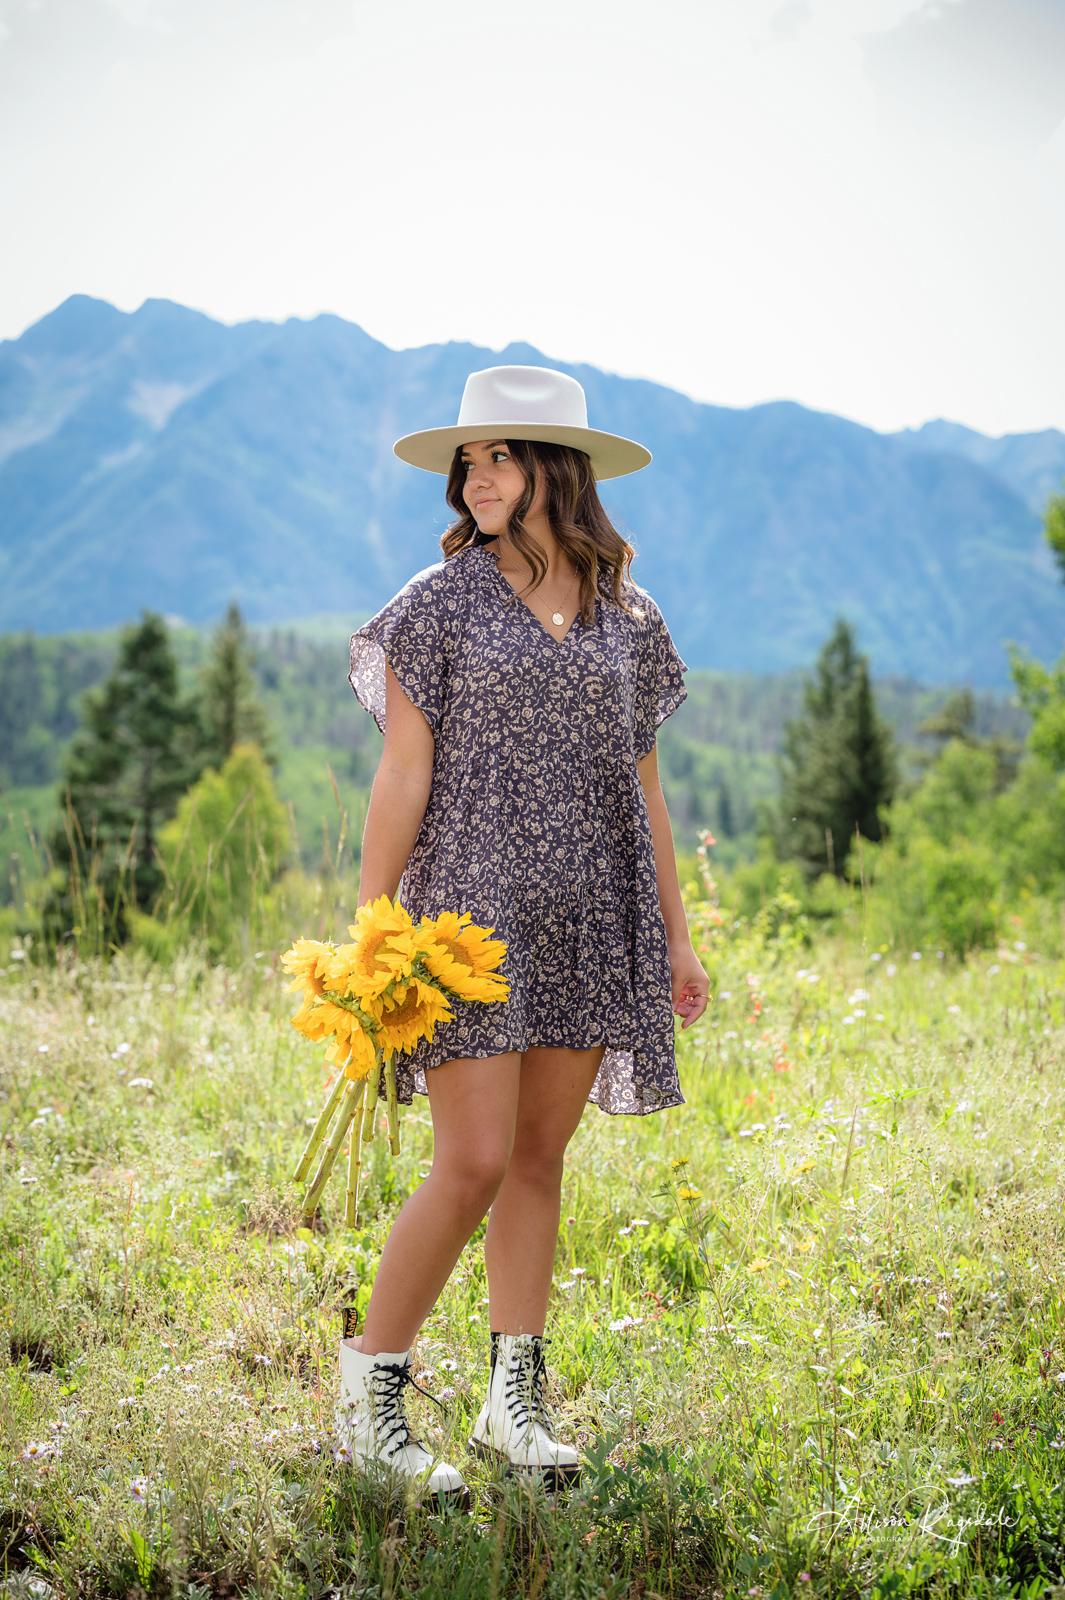 Melanie's Summer Wildflower Senior Photos